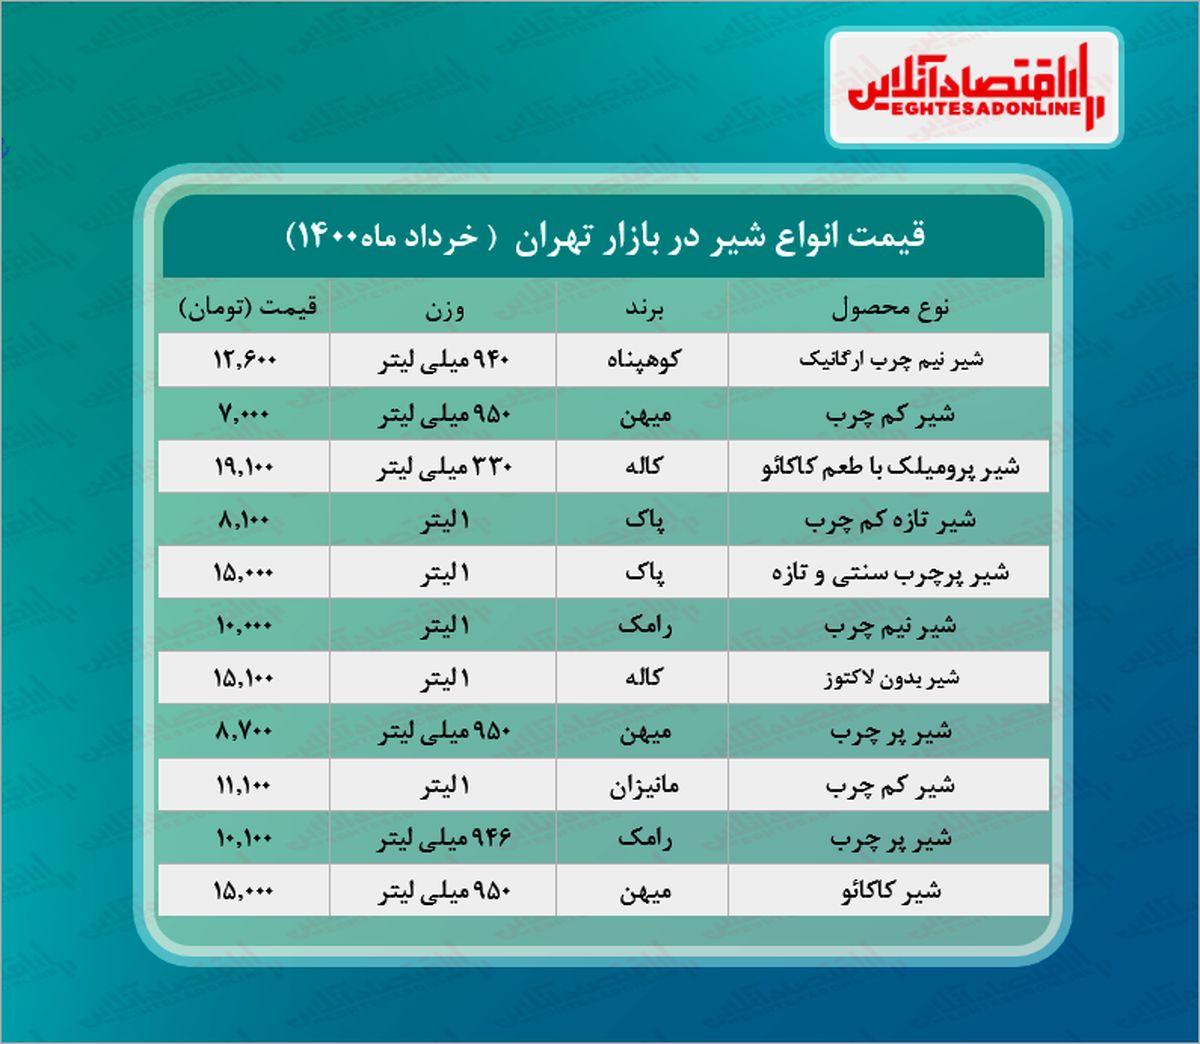 قیمت روز انواع شیر در بازار (خردادماه۱۴۰۰) + جدول